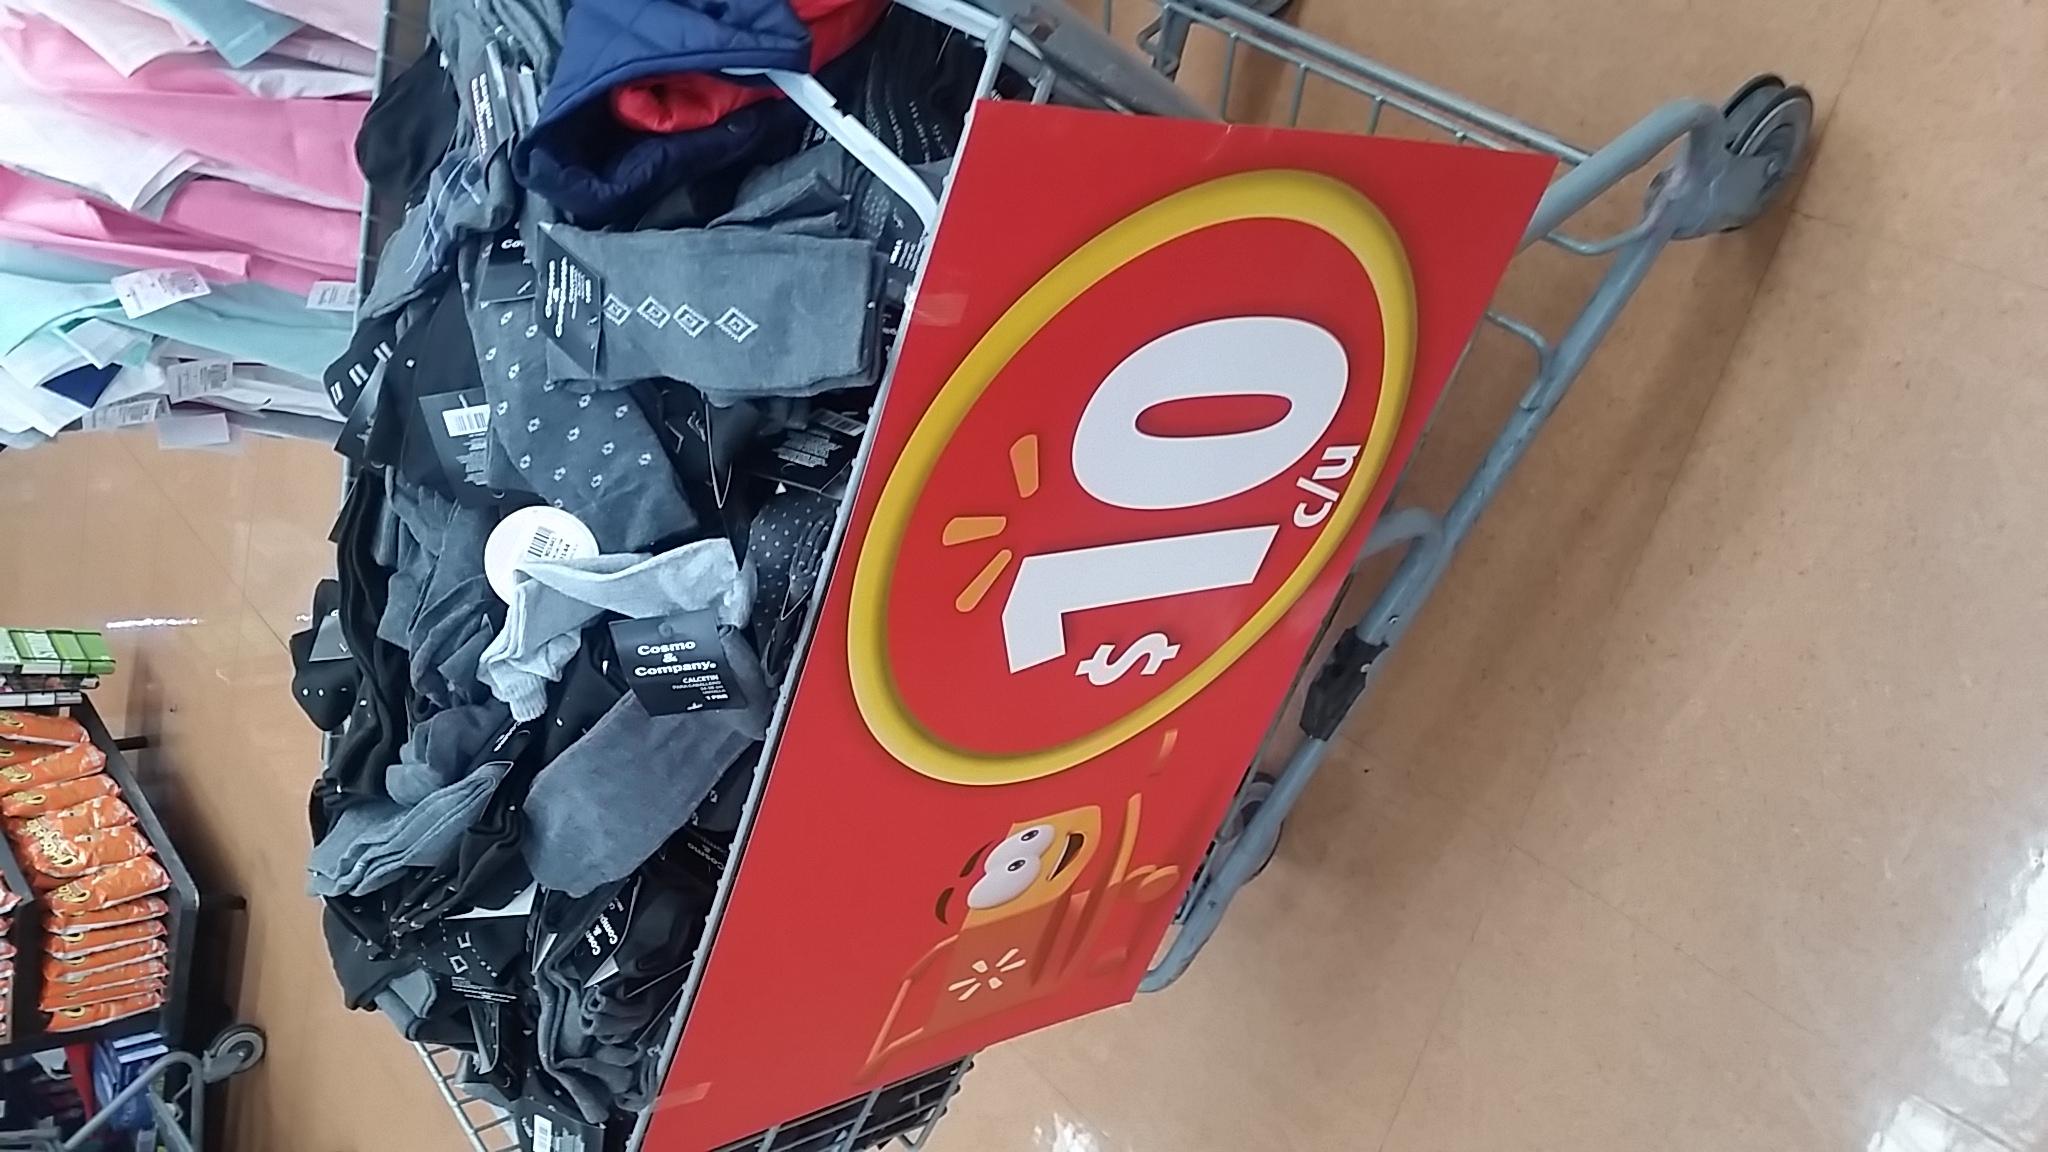 Walmart nativitas (DF): Calcetines y playeras a 10 y 20 respectivamente